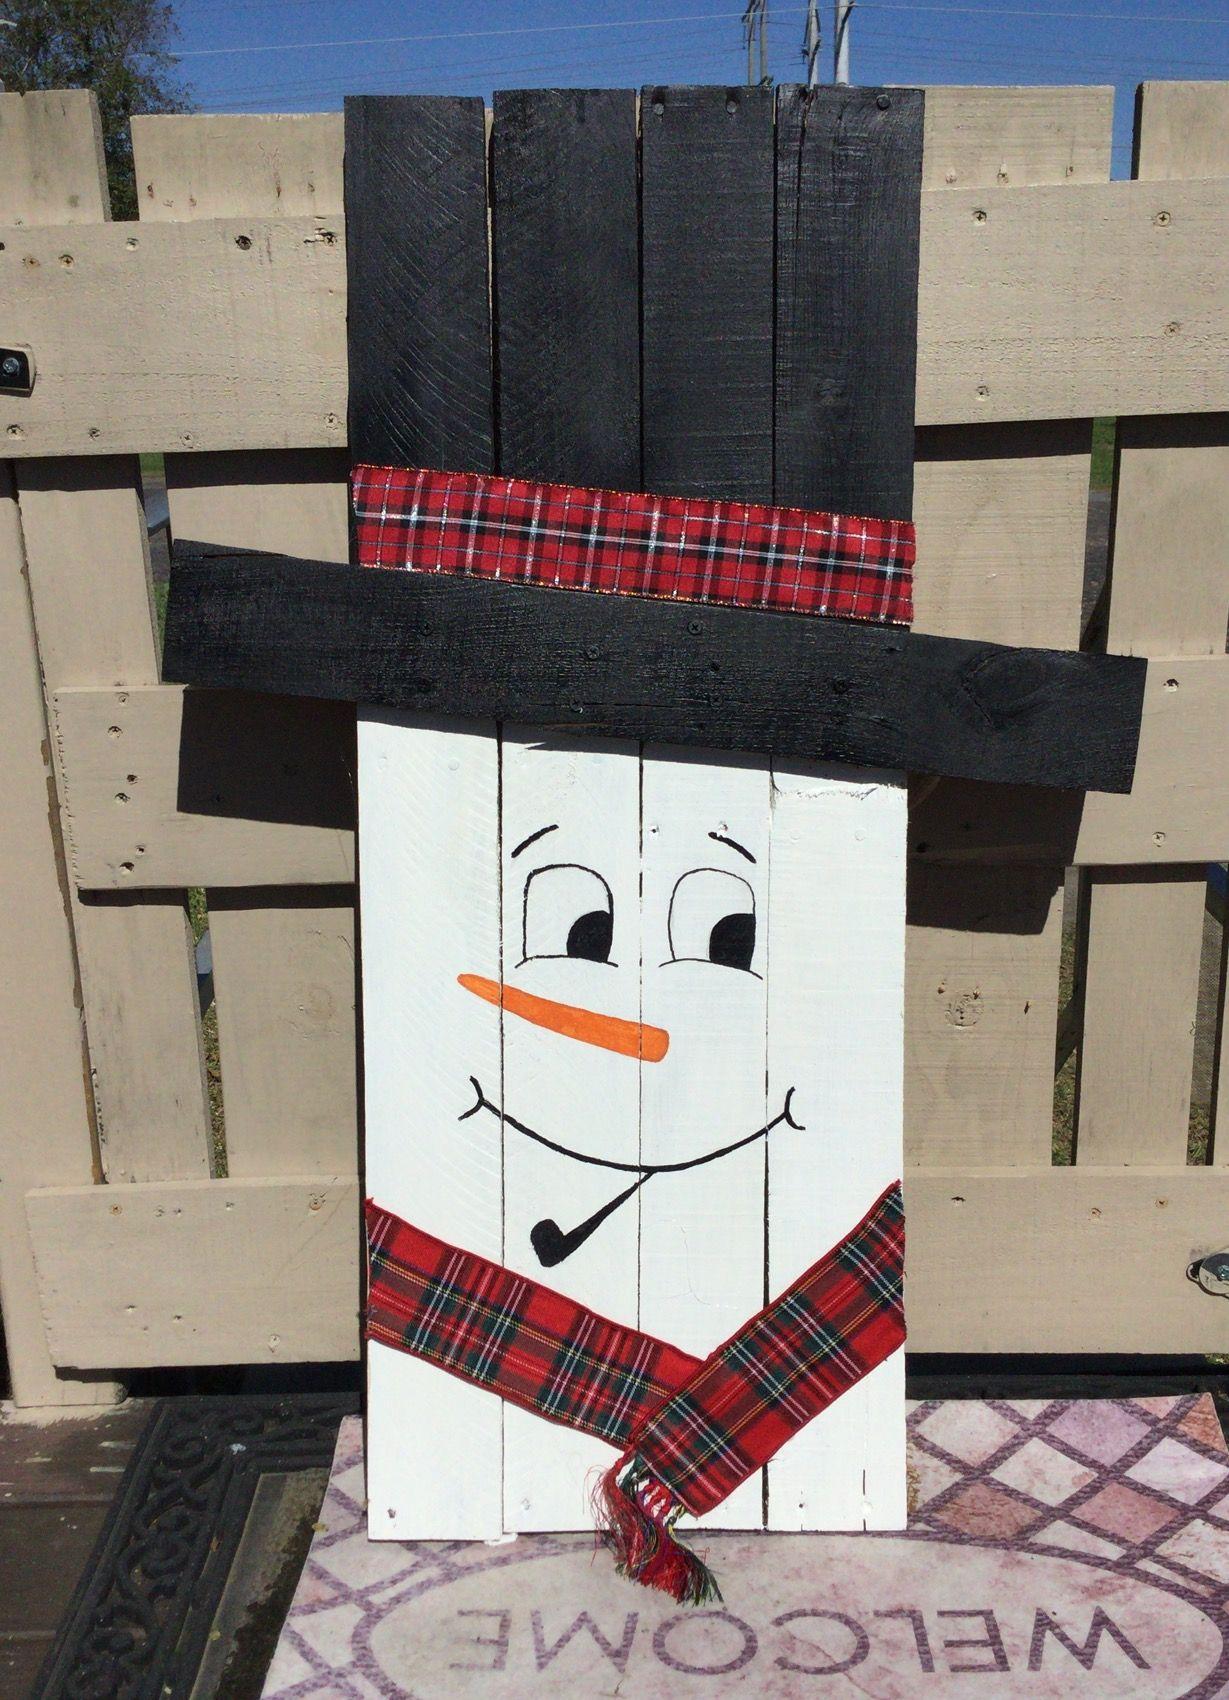 Reversible Pallet Wood Snowman Project Ideas